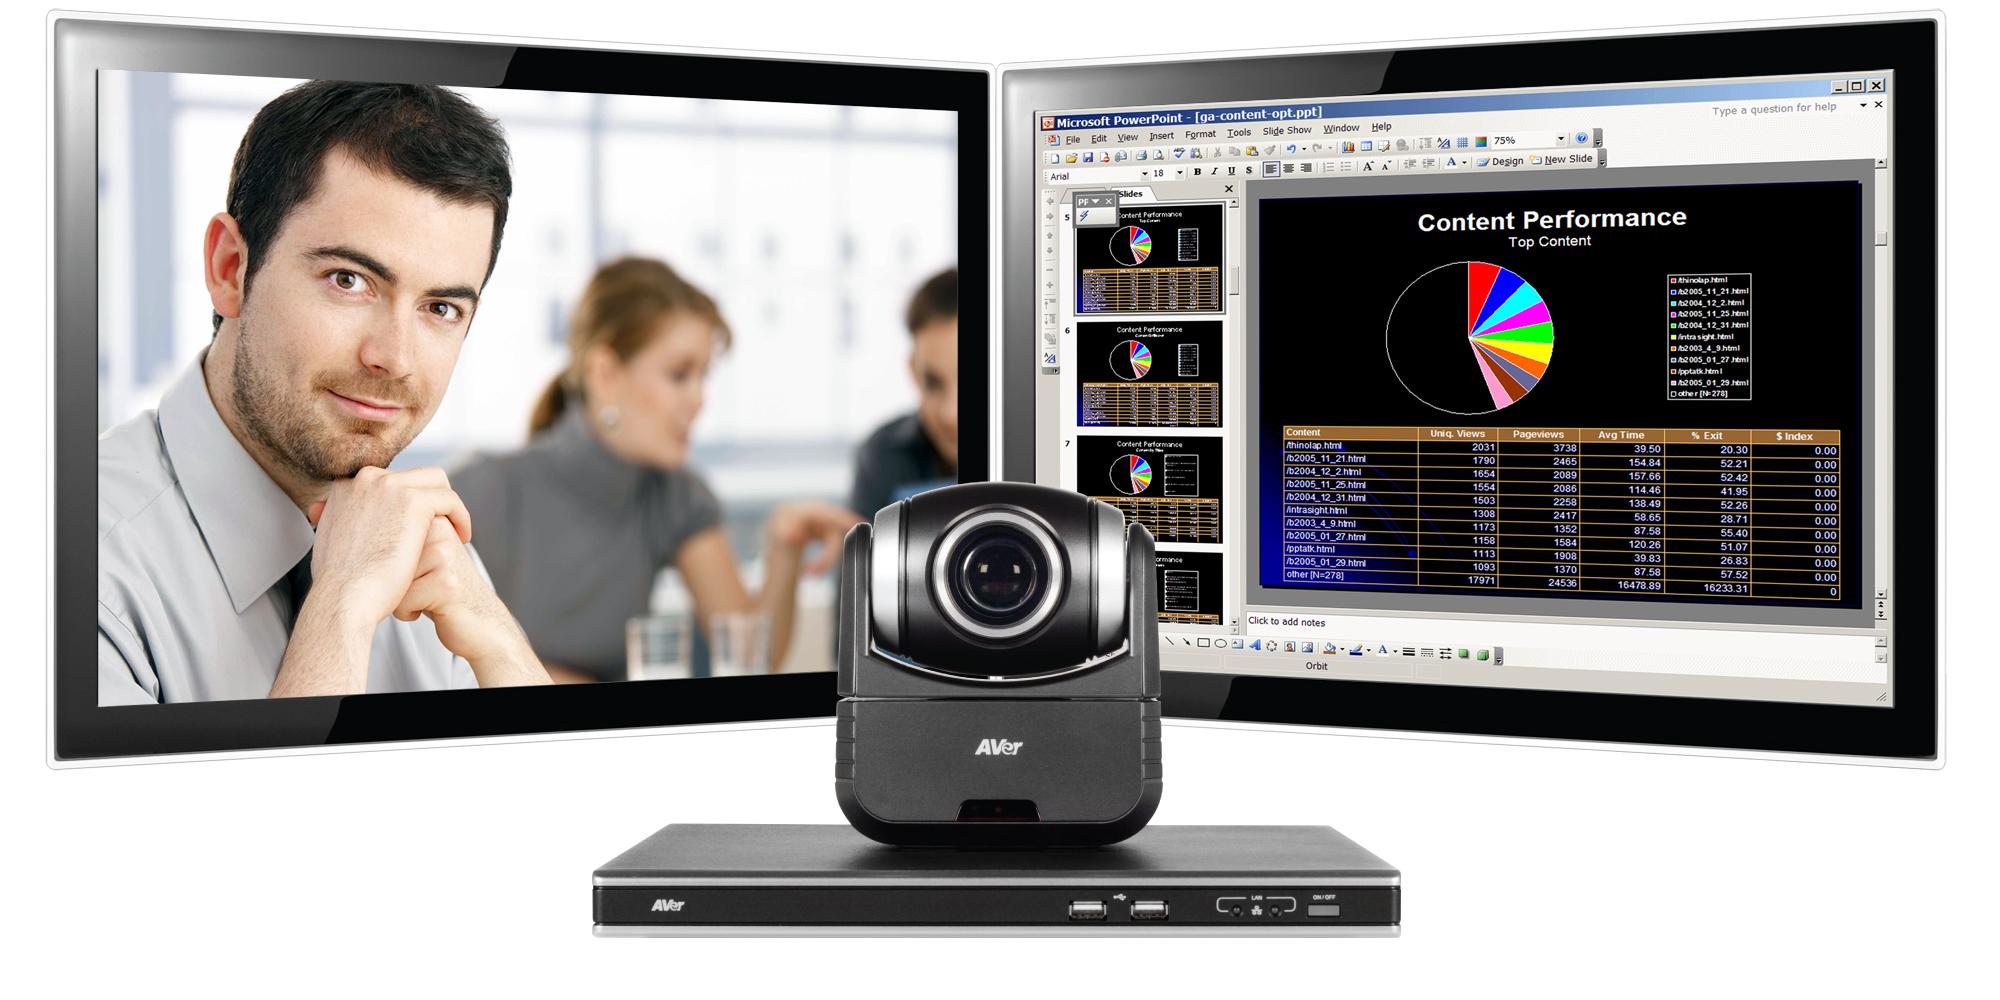 AVer lanza sus soluciones de Videoconferencia HD HVC310 y EMC1000 para el mercado mexicano de las PYMEs